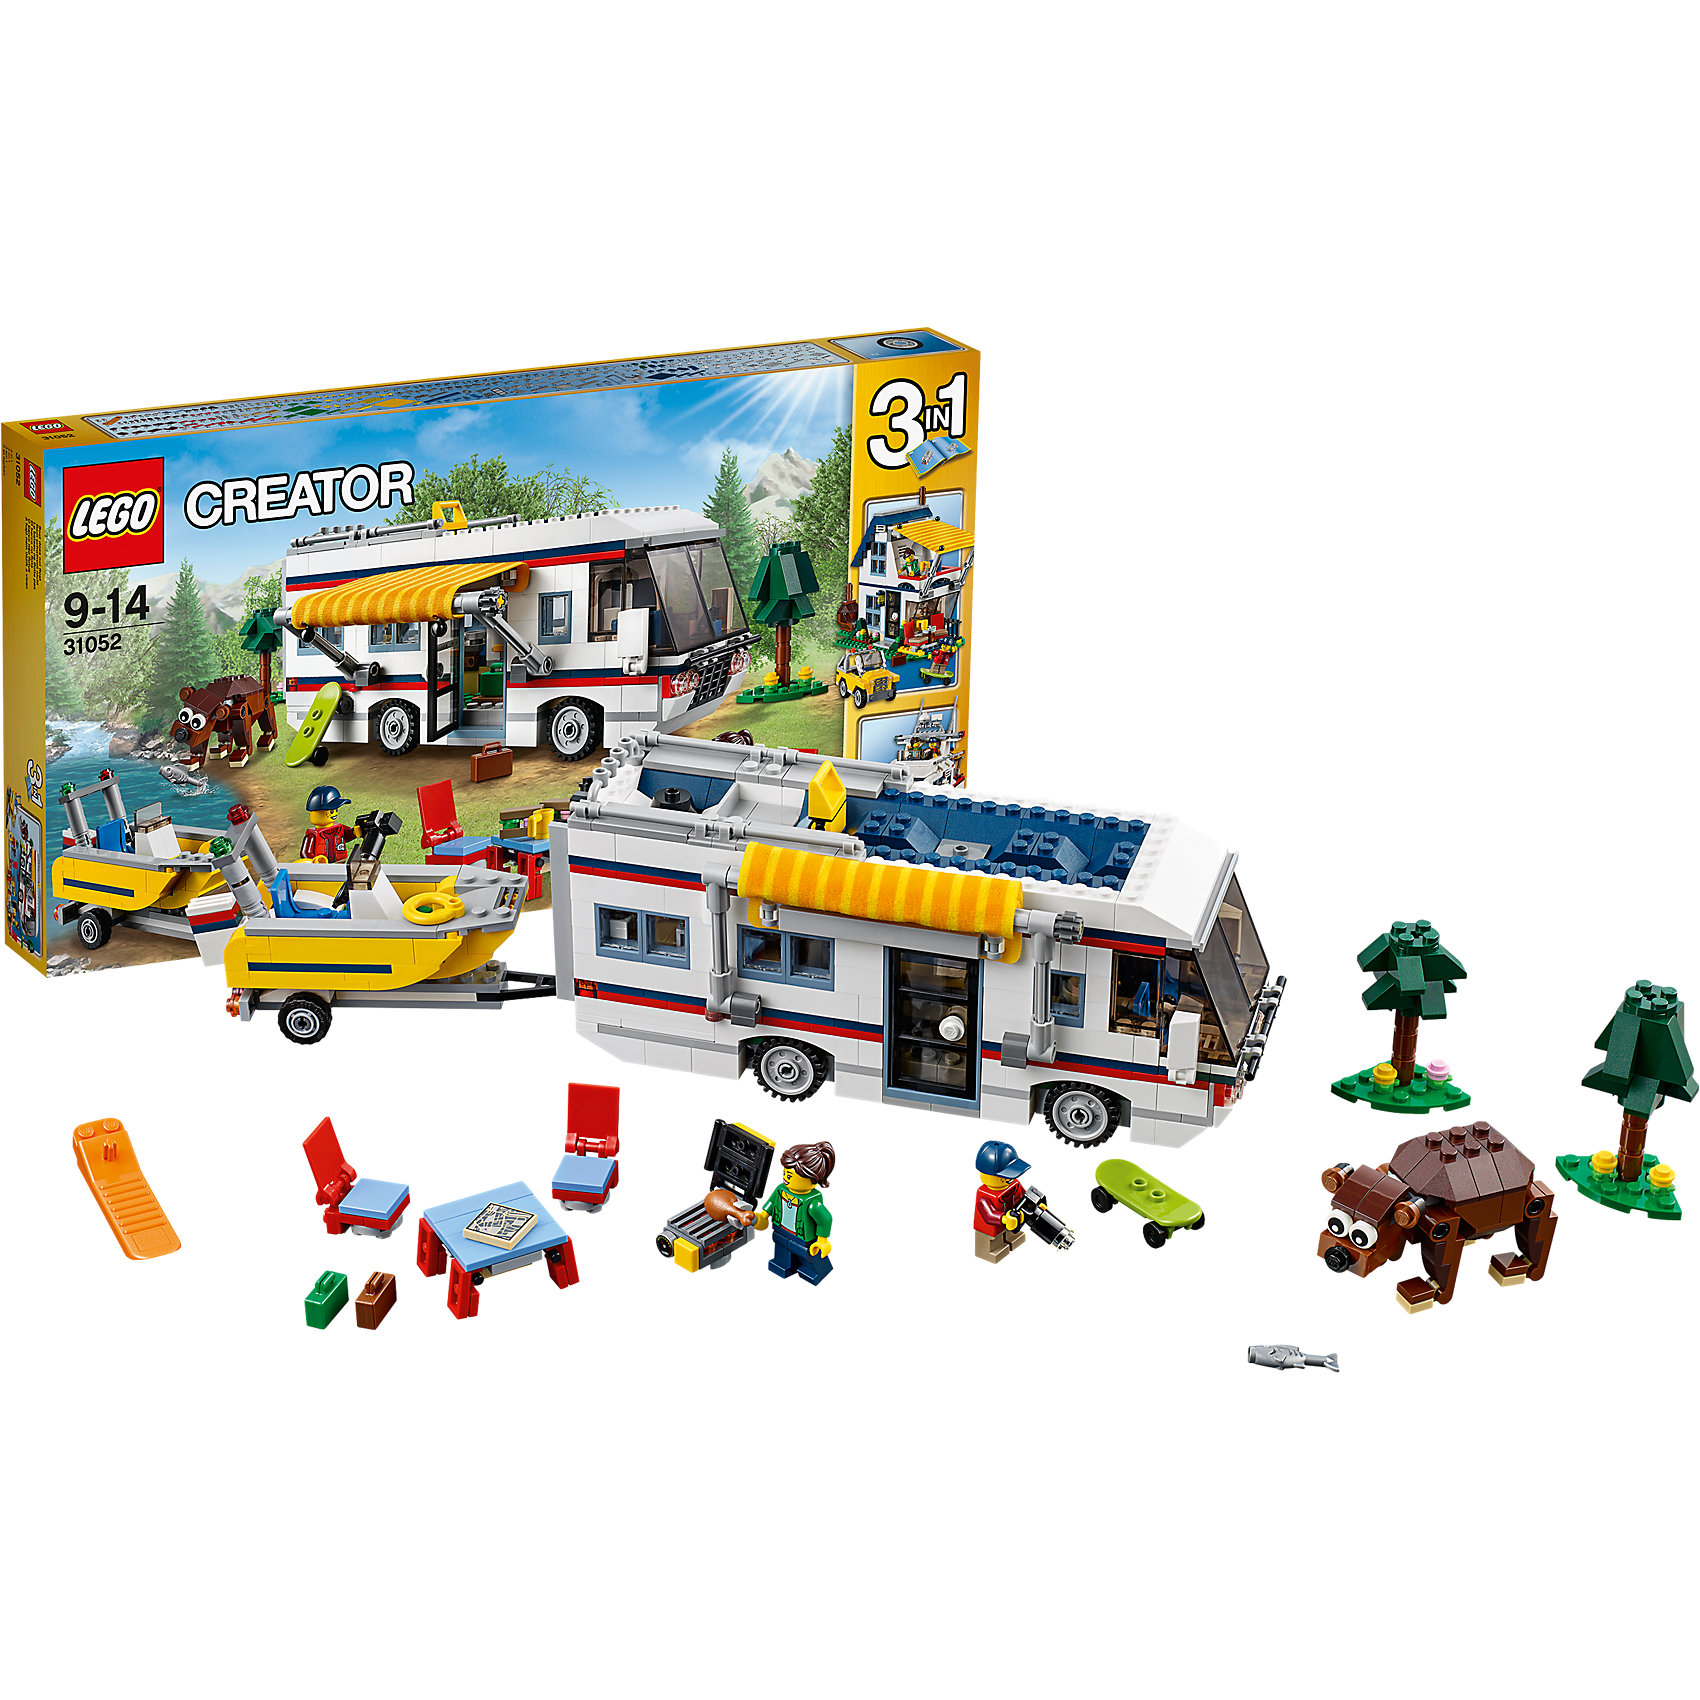 LEGO Creator 31052: КемпингИграть с конструктором обожает множество современных детей, поэтому набор Лего, из которого можно собрать дом на колесах, в котором будет роскошный интерьер с туалетом, складной кроватью, кухней, диваном и телевизором, обязательно обрадует ребенка. Такие игрушки помогают детям развивать воображение, мелкую моторику, логику и творческое мышление.<br>Набор состоит из фигурок людей и деталей, из которых получится дом на колесах. С таким комплектом можно придумать множество игр!<br><br>Дополнительная информация:<br><br>цвет: разноцветный;<br>размер коробки: 54 х 5,9 х 28,2 см;<br>вес: 1363 г;<br>материал: пластик;<br>количество деталей: 792.<br><br>Набор Маяк от бренда LEGO Creator можно купить в нашем магазине.<br><br>Ширина мм: 539<br>Глубина мм: 281<br>Высота мм: 60<br>Вес г: 1378<br>Возраст от месяцев: 108<br>Возраст до месяцев: 168<br>Пол: Унисекс<br>Возраст: Детский<br>SKU: 4641190